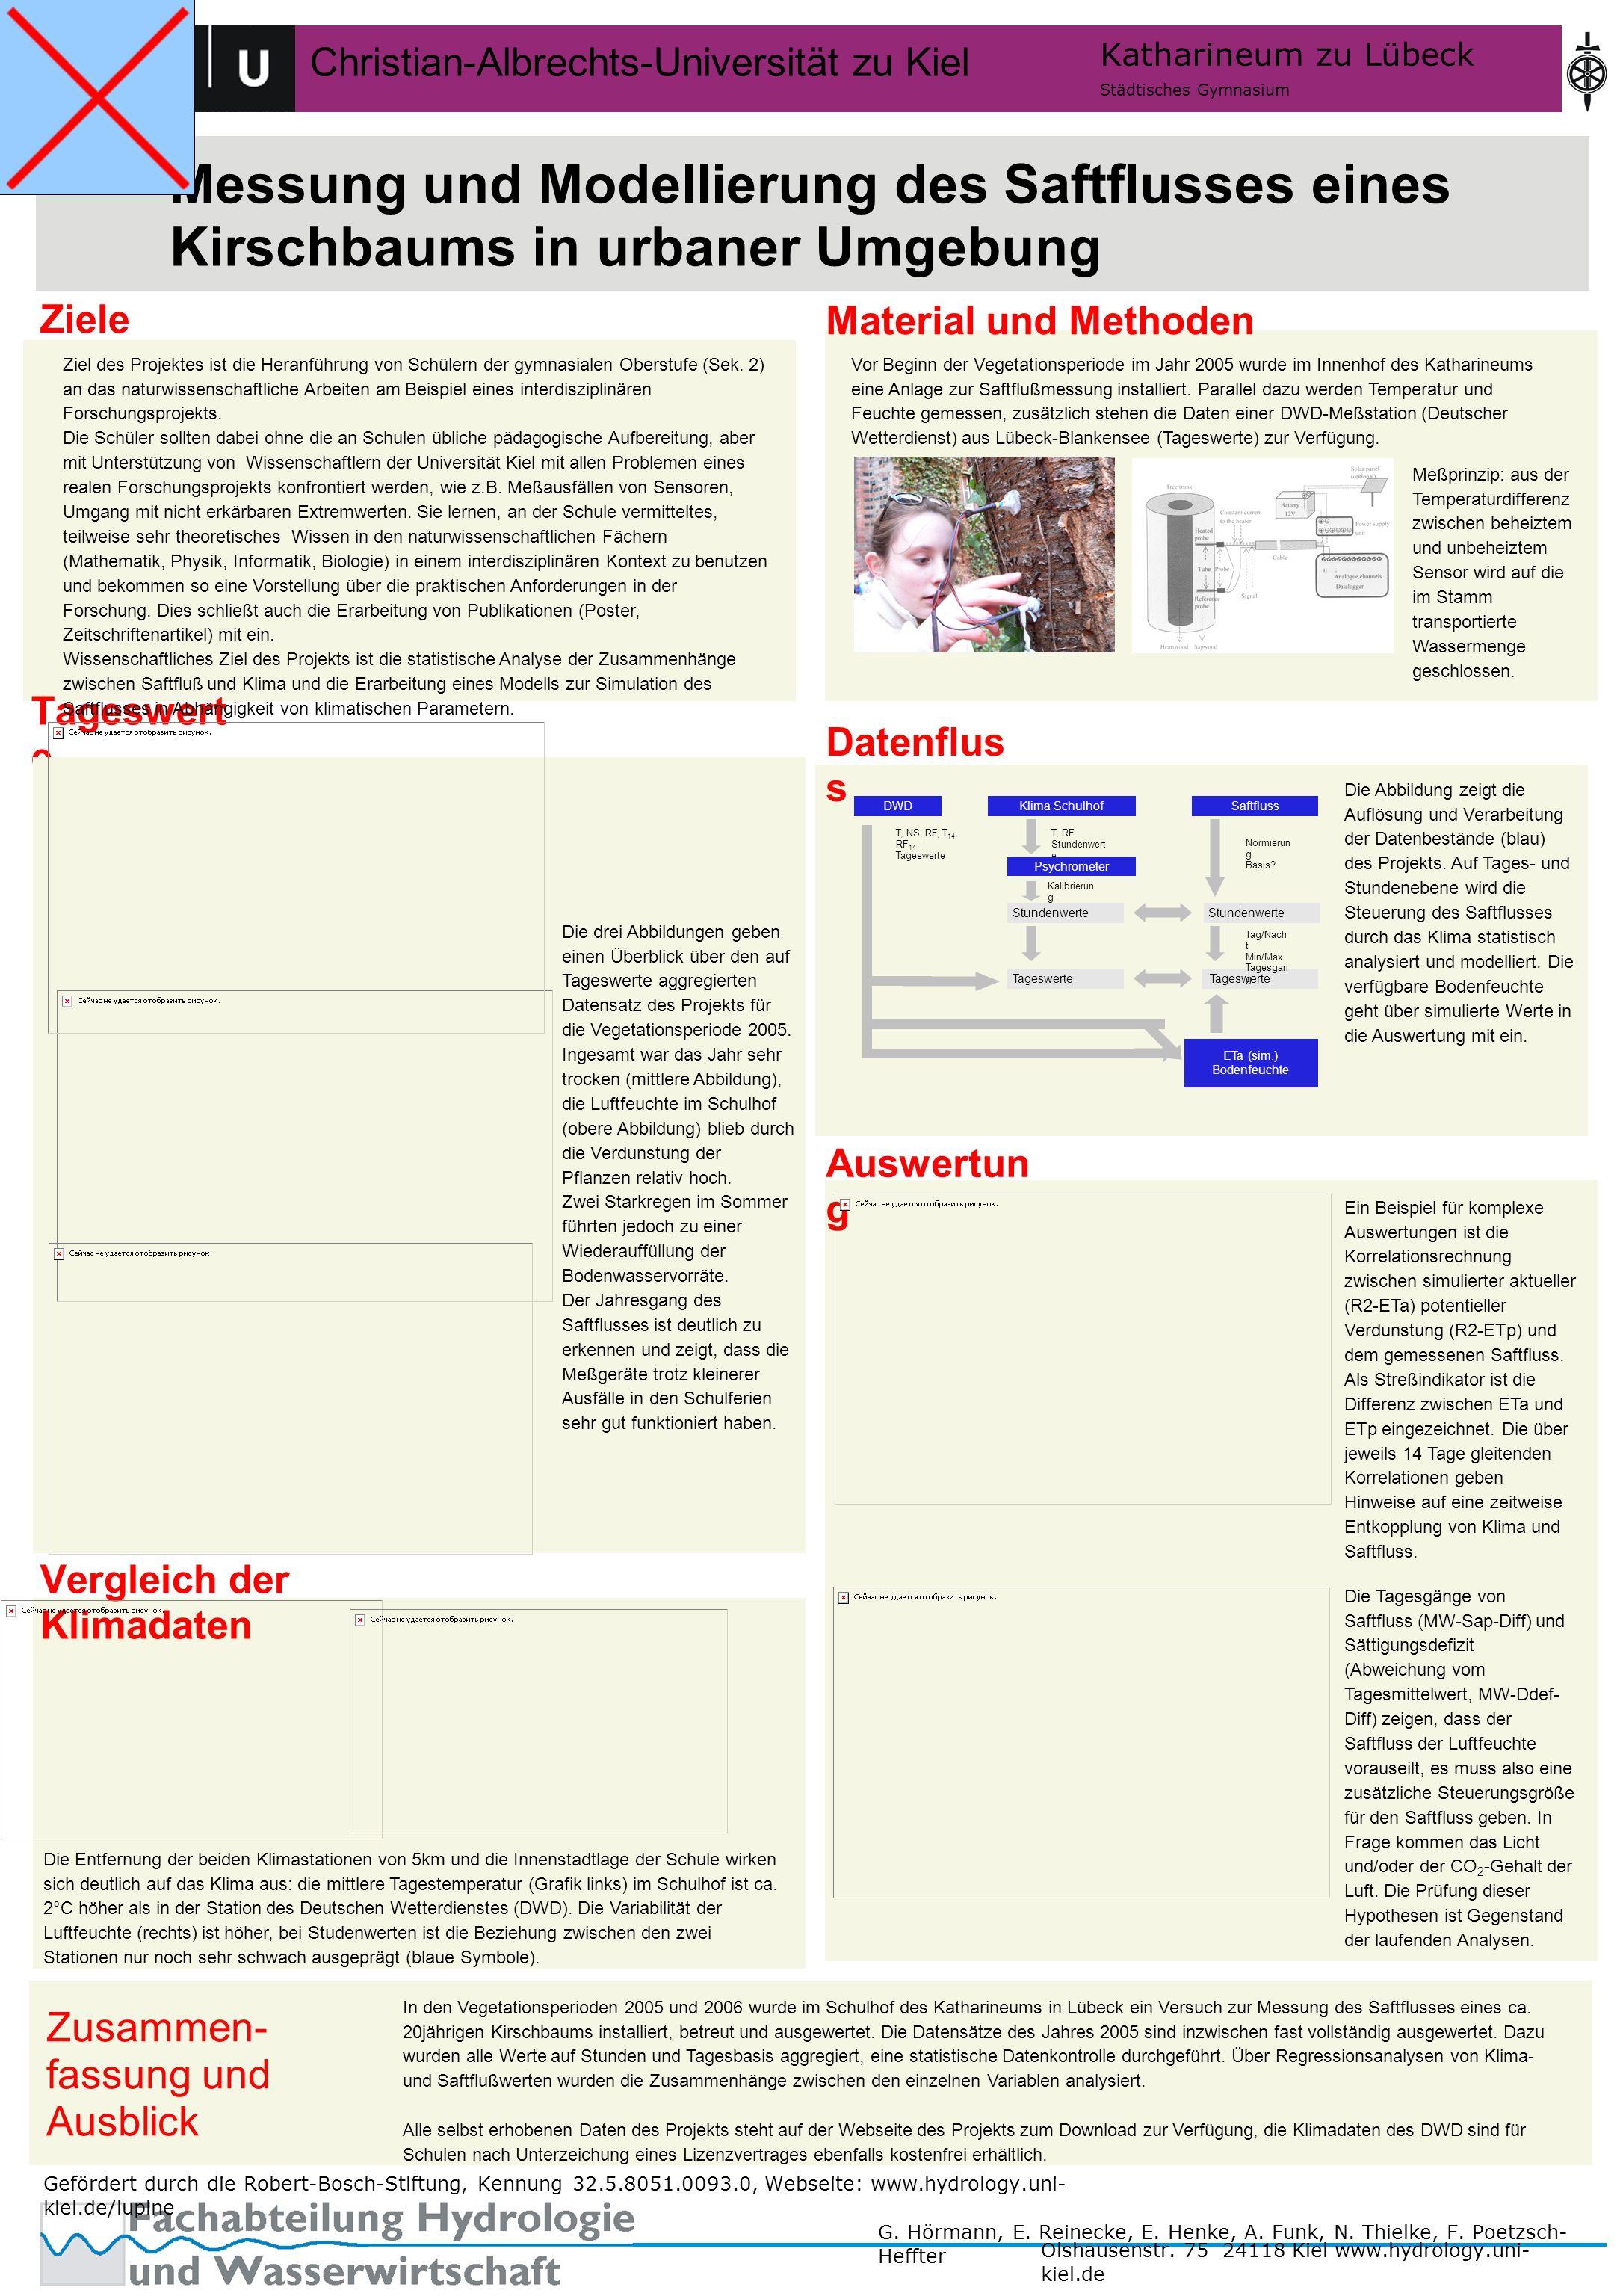 Messung und Modellierung des Saftflusses eines Kirschbaums in urbaner Umgebung Christian-Albrechts-Universität zu Kiel Olshausenstr.